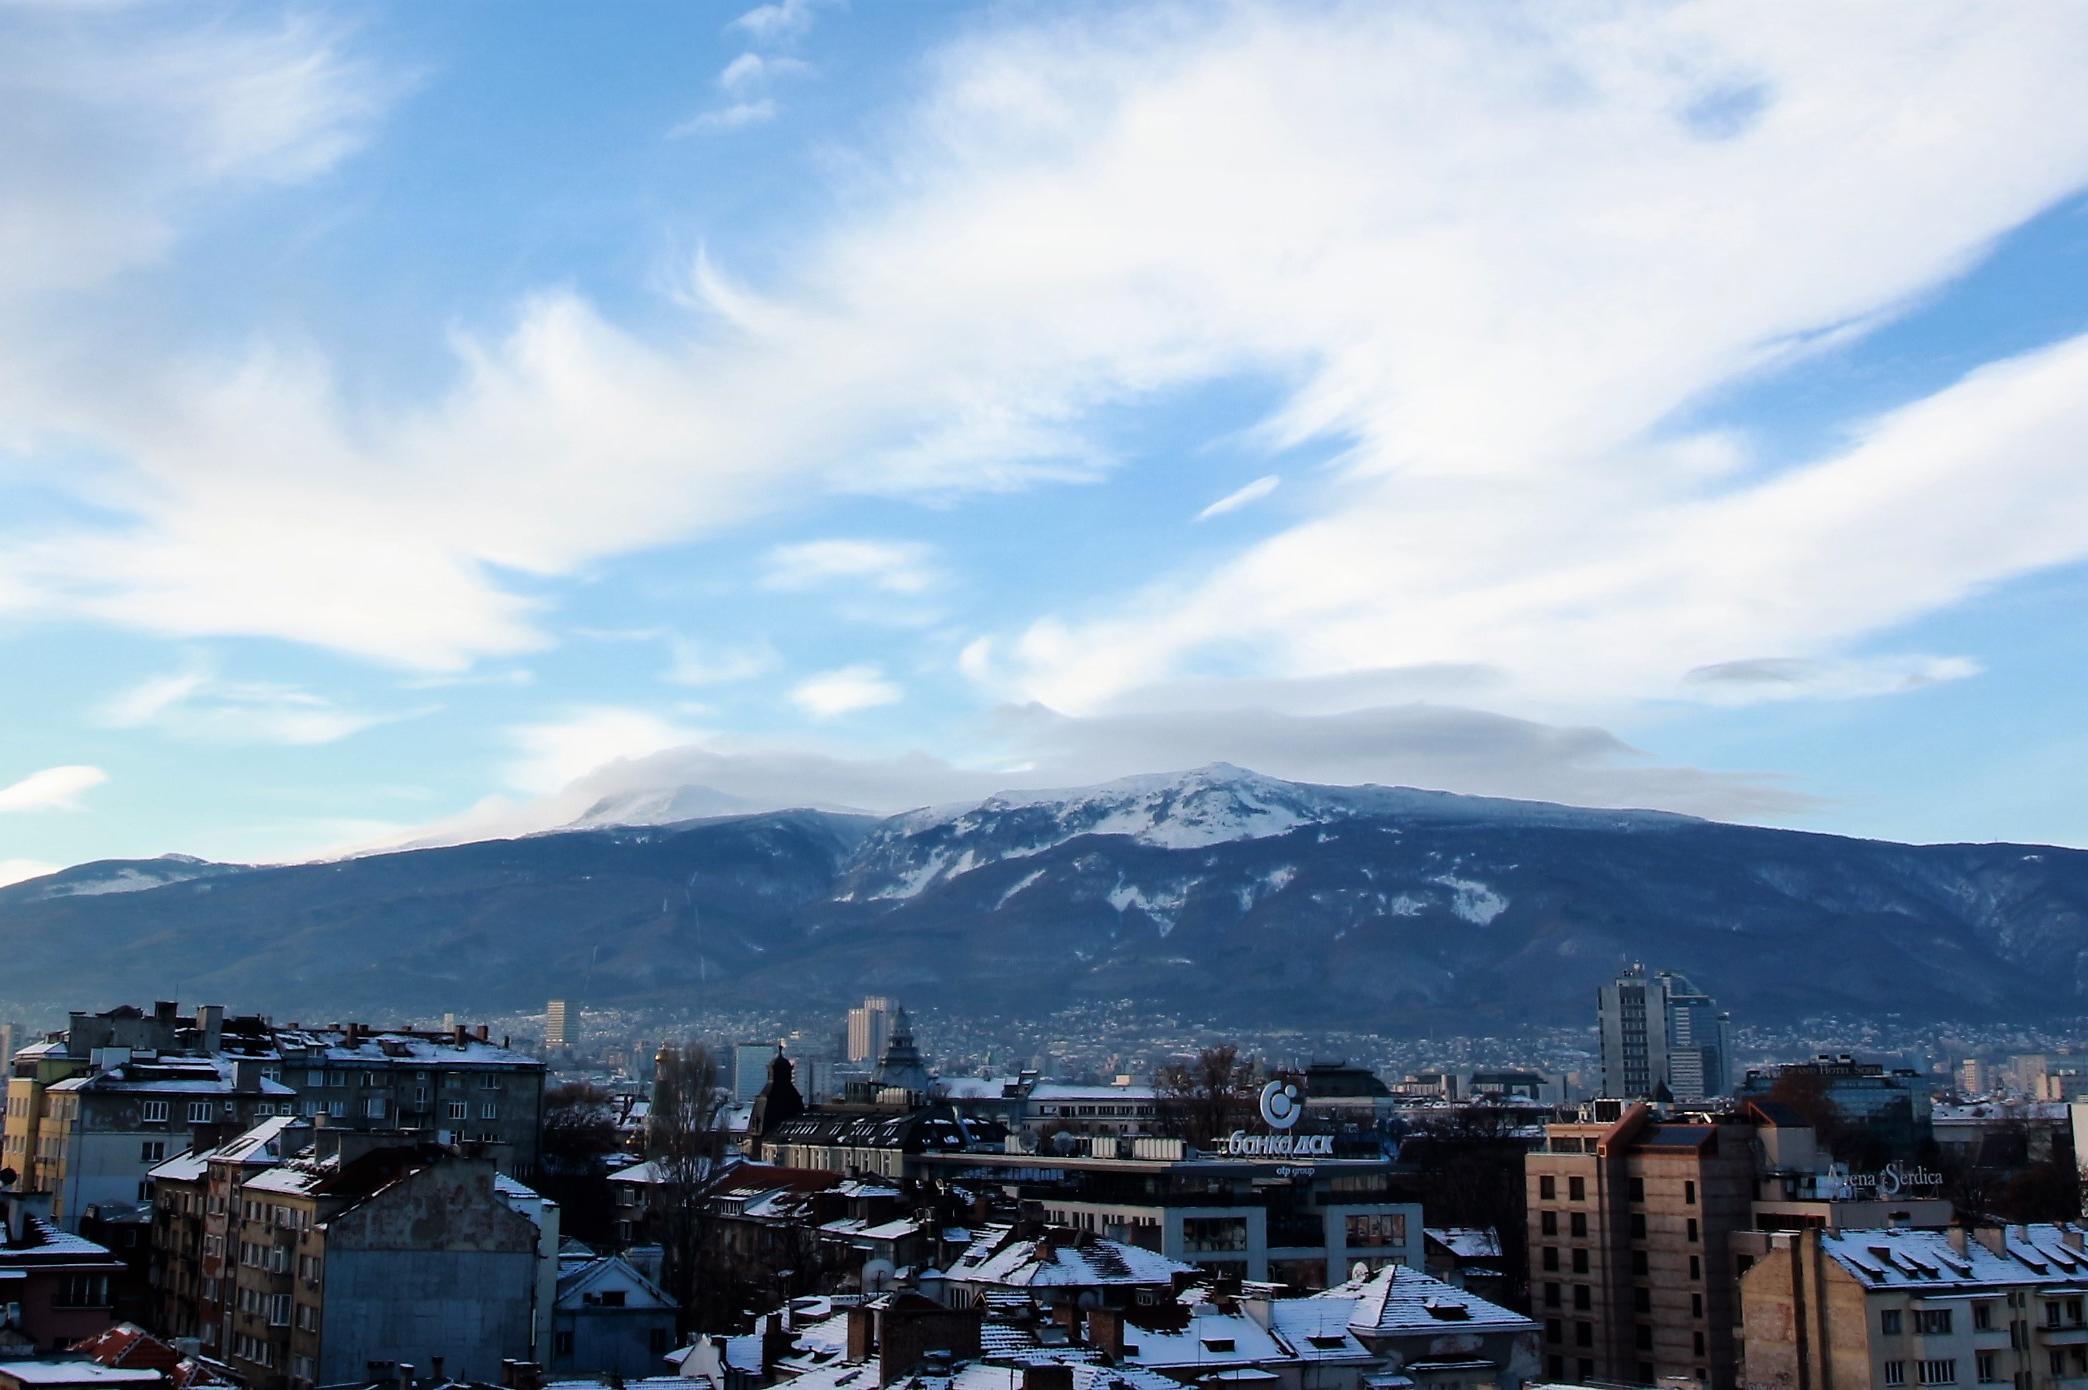 София ще получава пари и в следващия програмен период 2021 - 2027